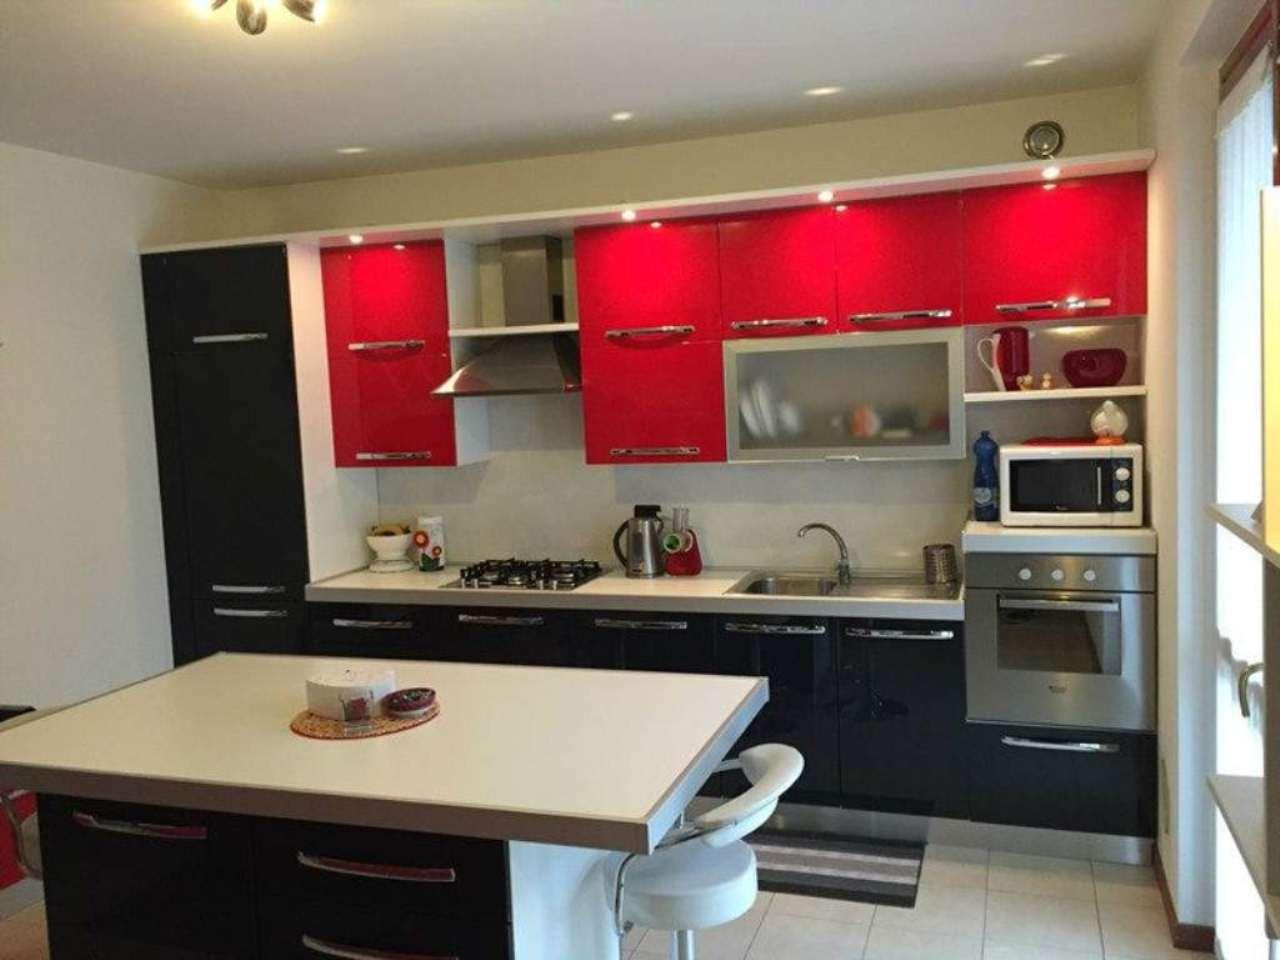 Appartamento in vendita a Sesto Calende, 2 locali, prezzo € 130.000 | CambioCasa.it